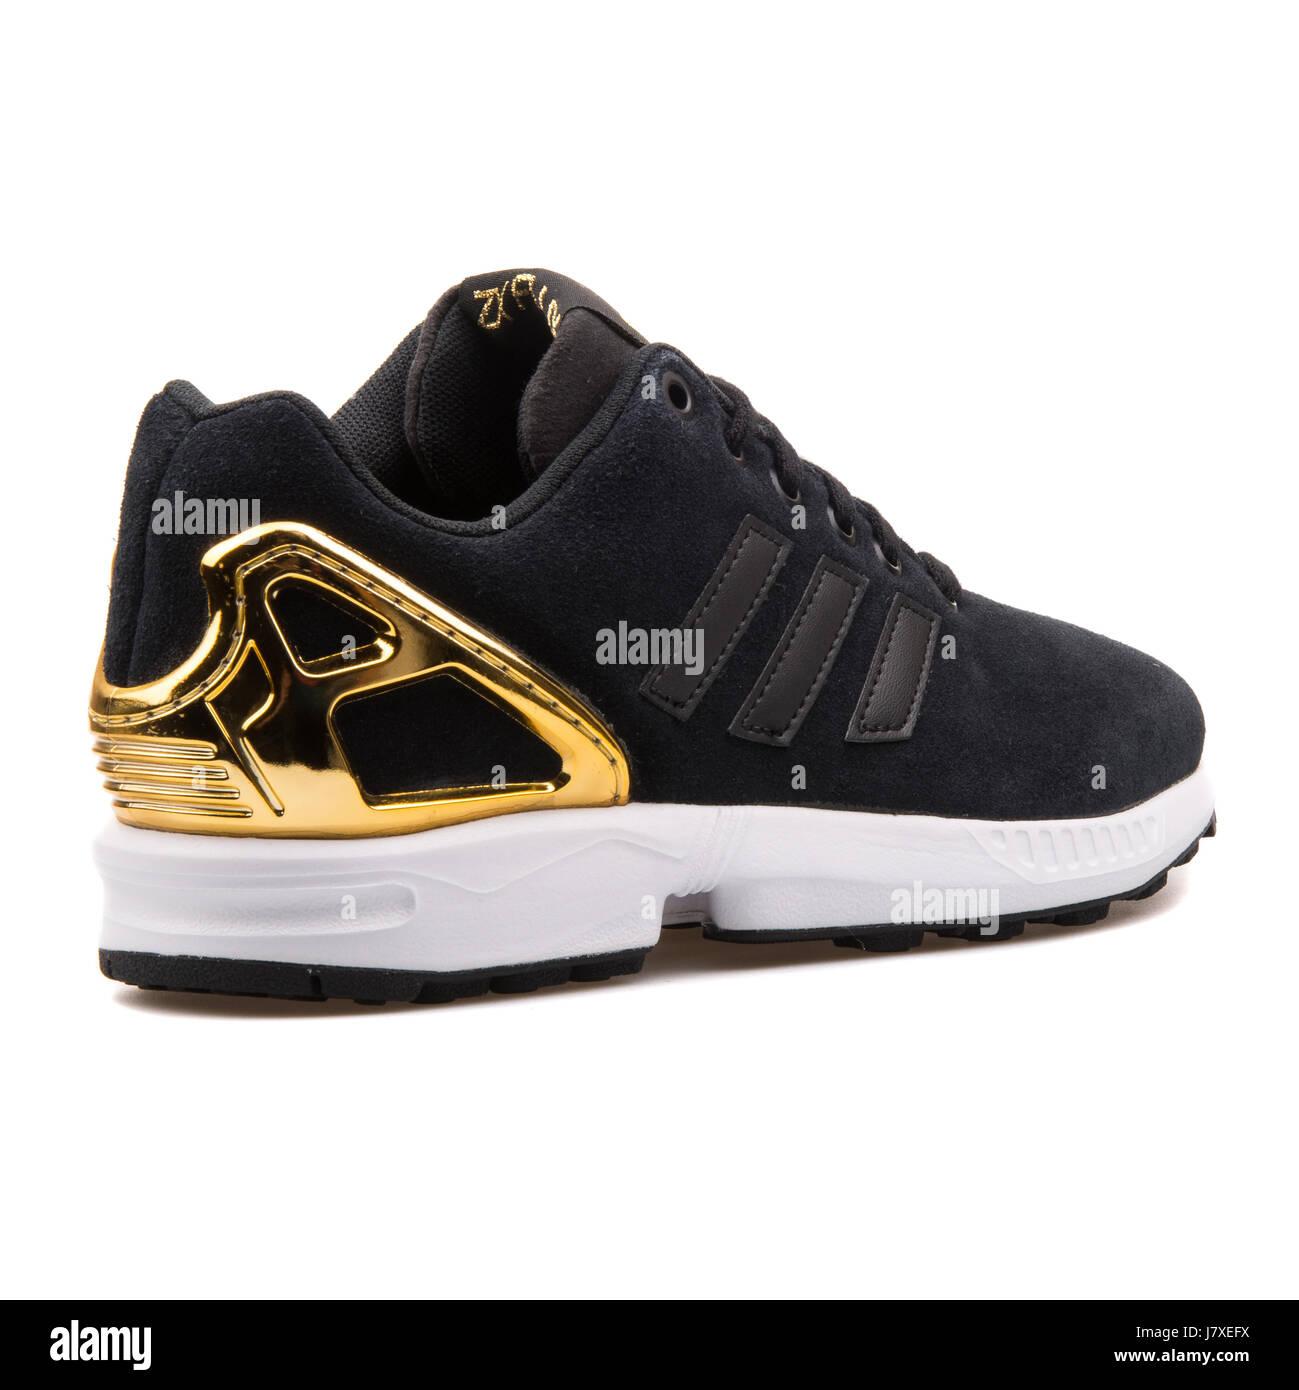 adidas zx flux w damen schwarz